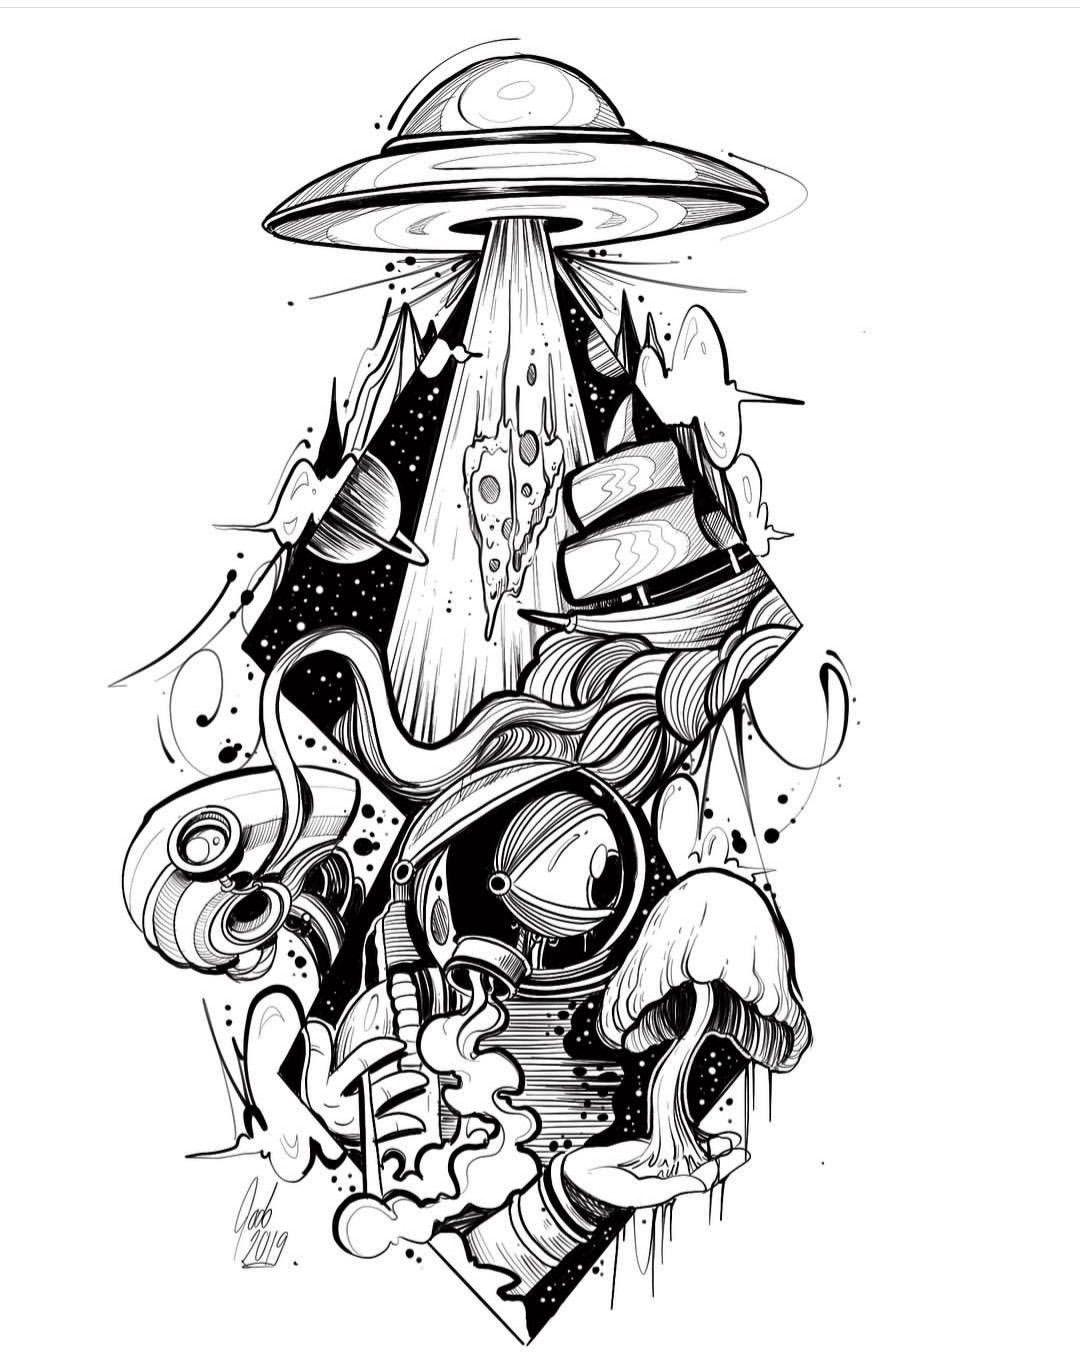 Pin By Scott Zimmerman On Tatuagens Tattoo Artists Badass Tattoos Body Art Tattoos